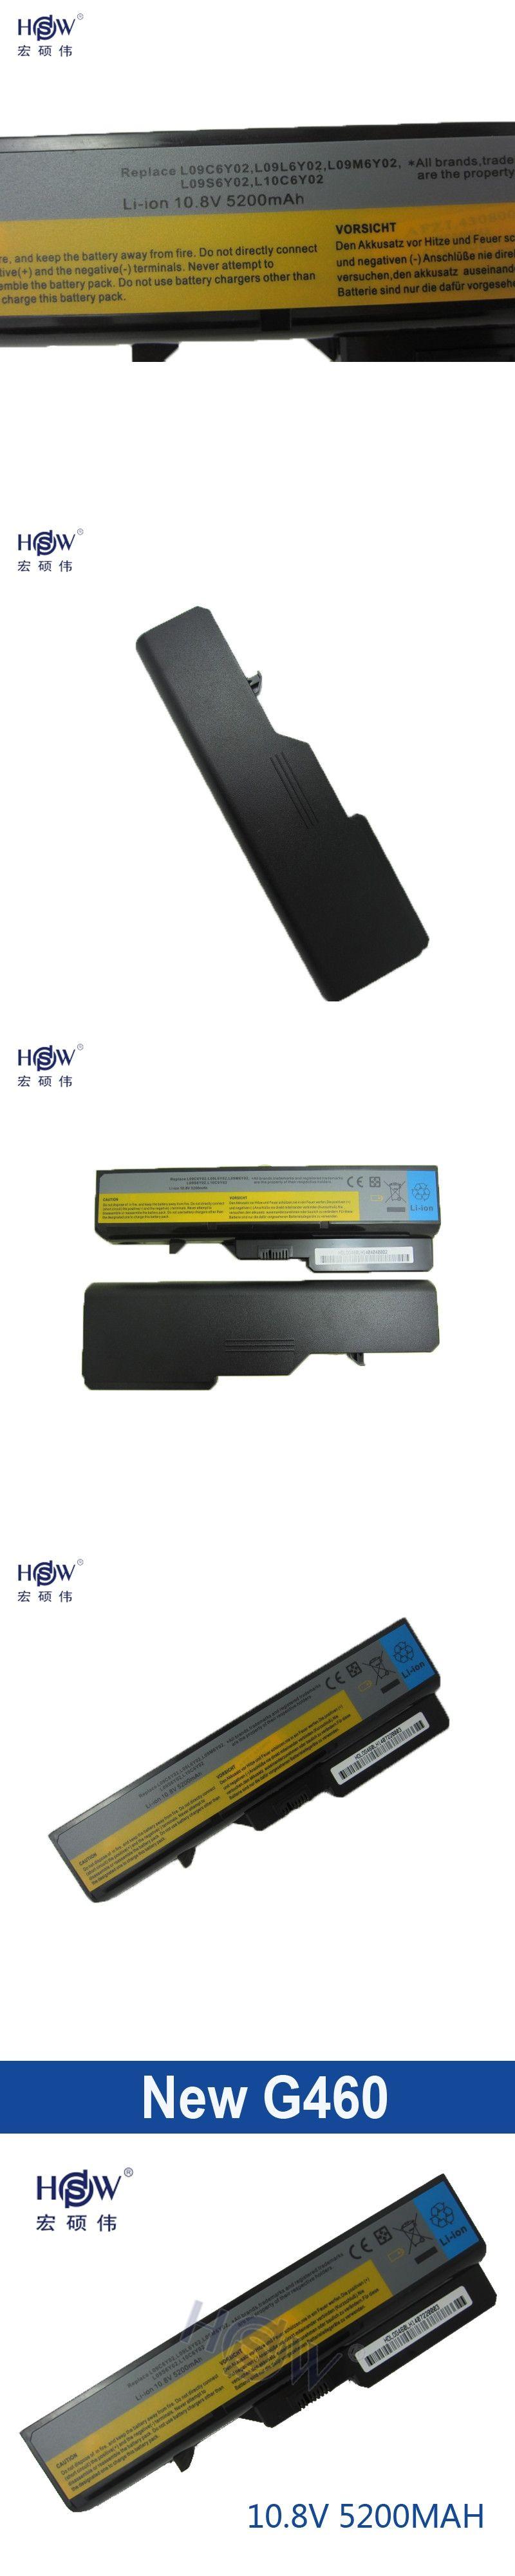 5200mah New 6cells Laptop Batteries For Lenovo G460 Battery G470 Batre Leptop Ideapad Z470 Z460 G560 V360 Z560 V560